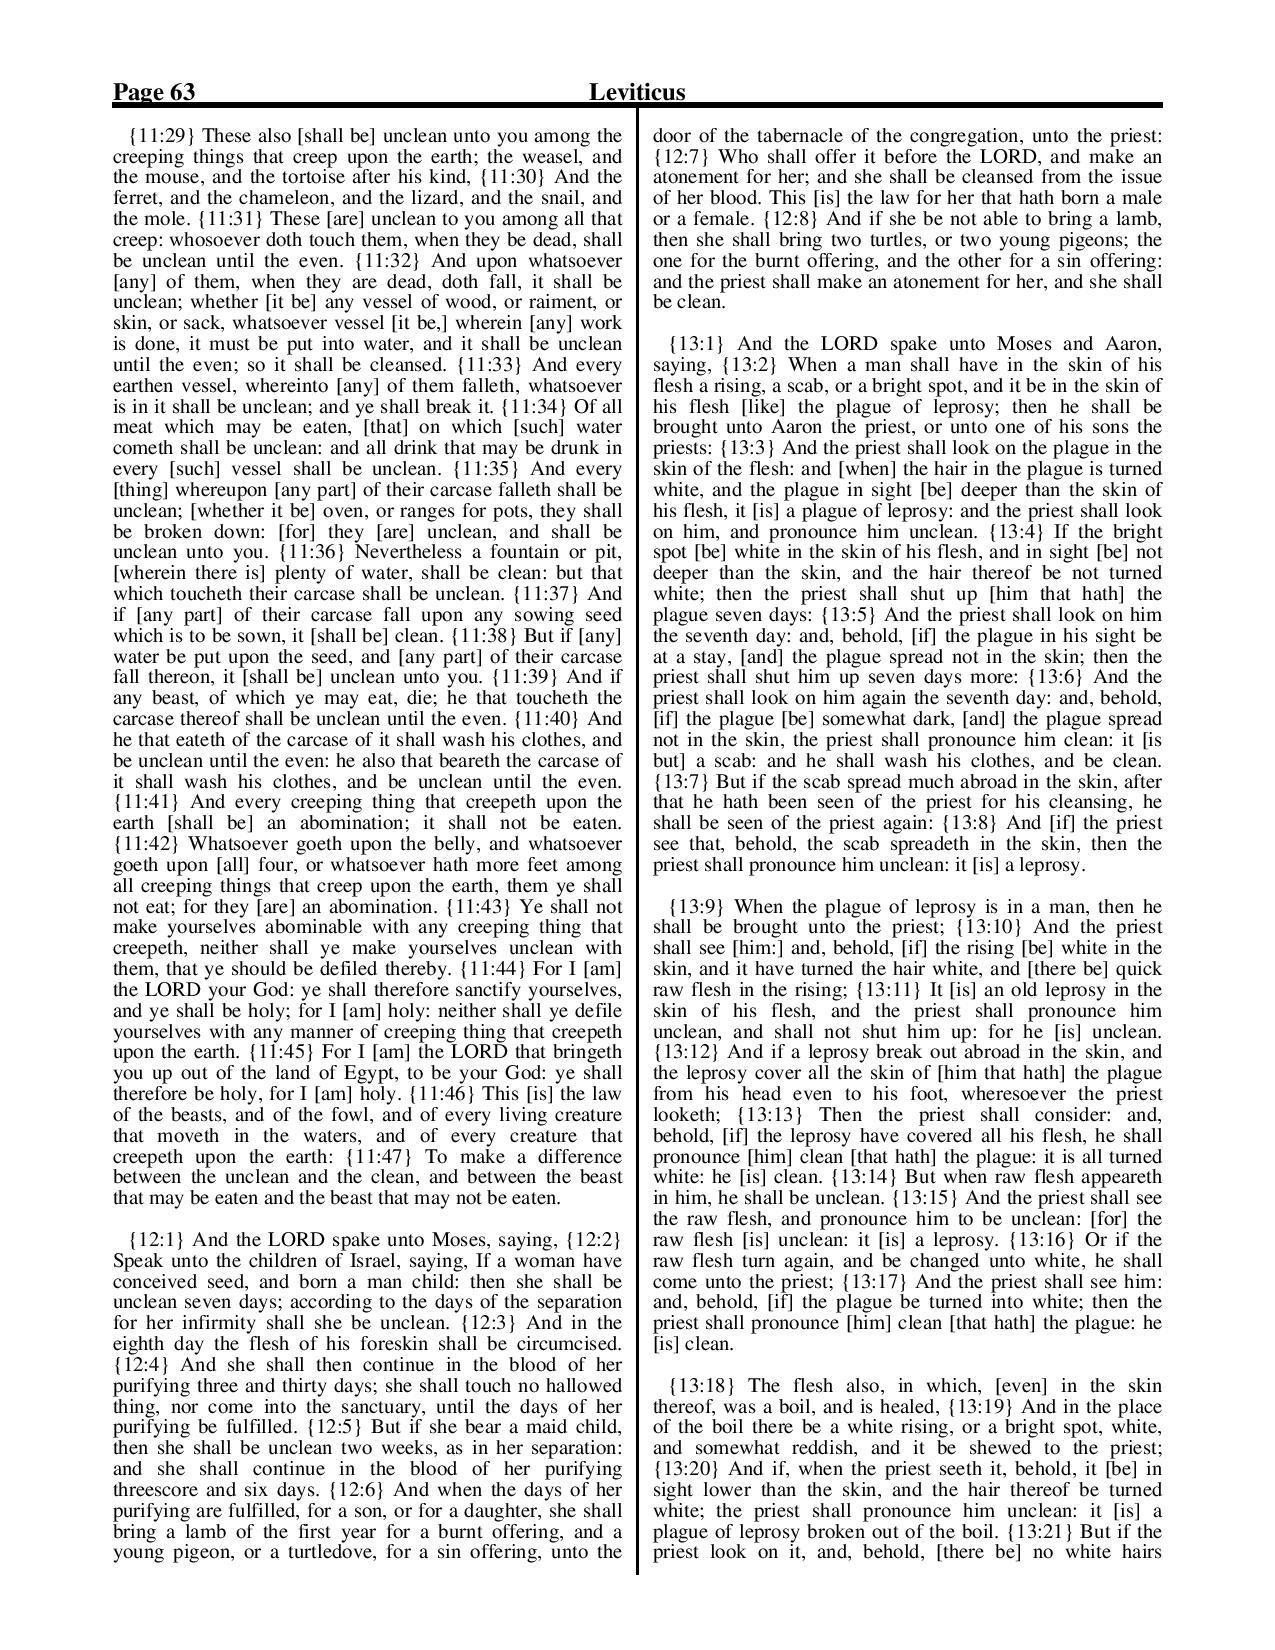 King-James-Bible-KJV-Bible-PDF-page-084